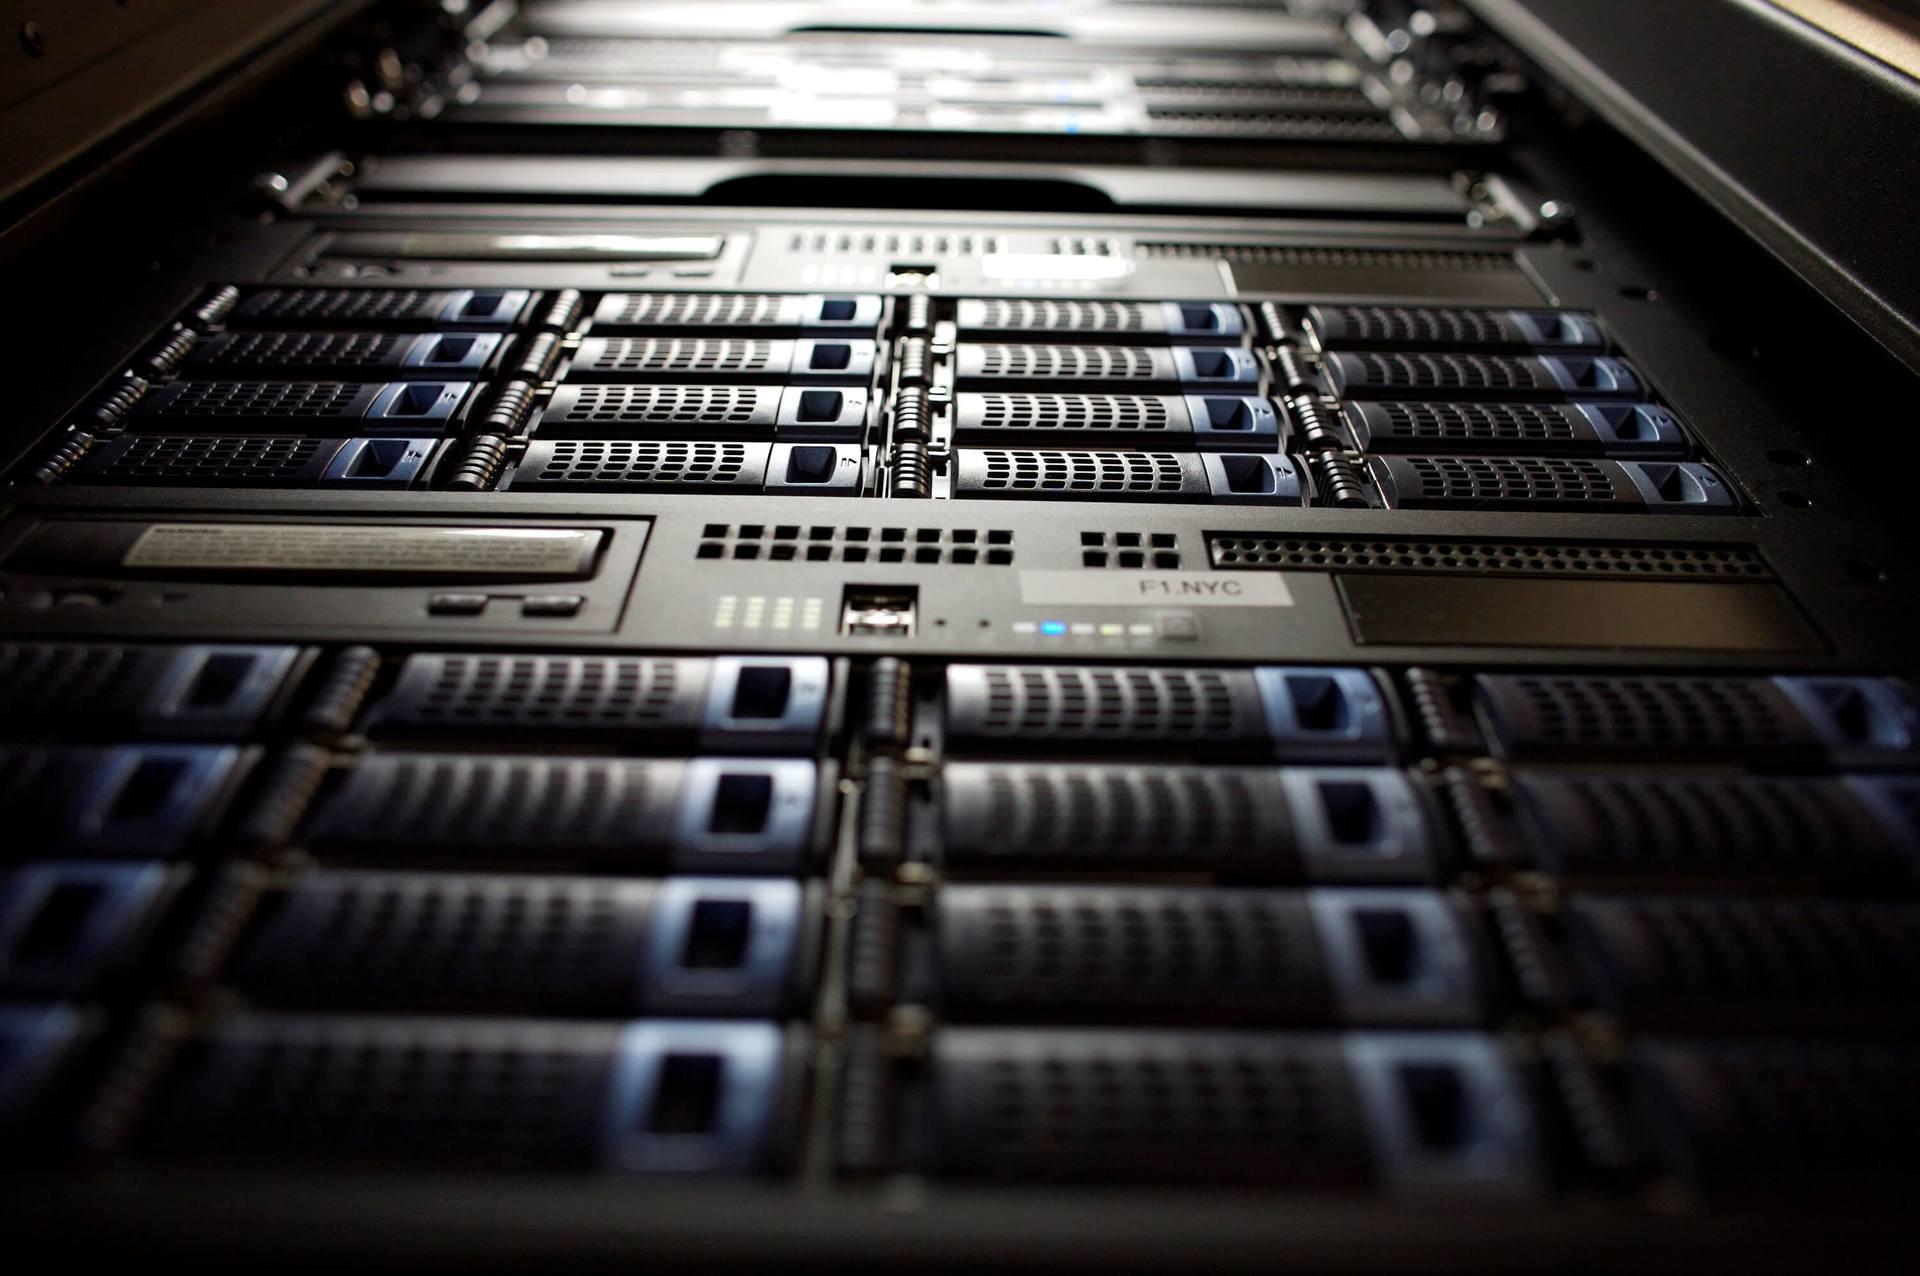 «Работа с микроскопом»: Революция в области хранения данных - 1